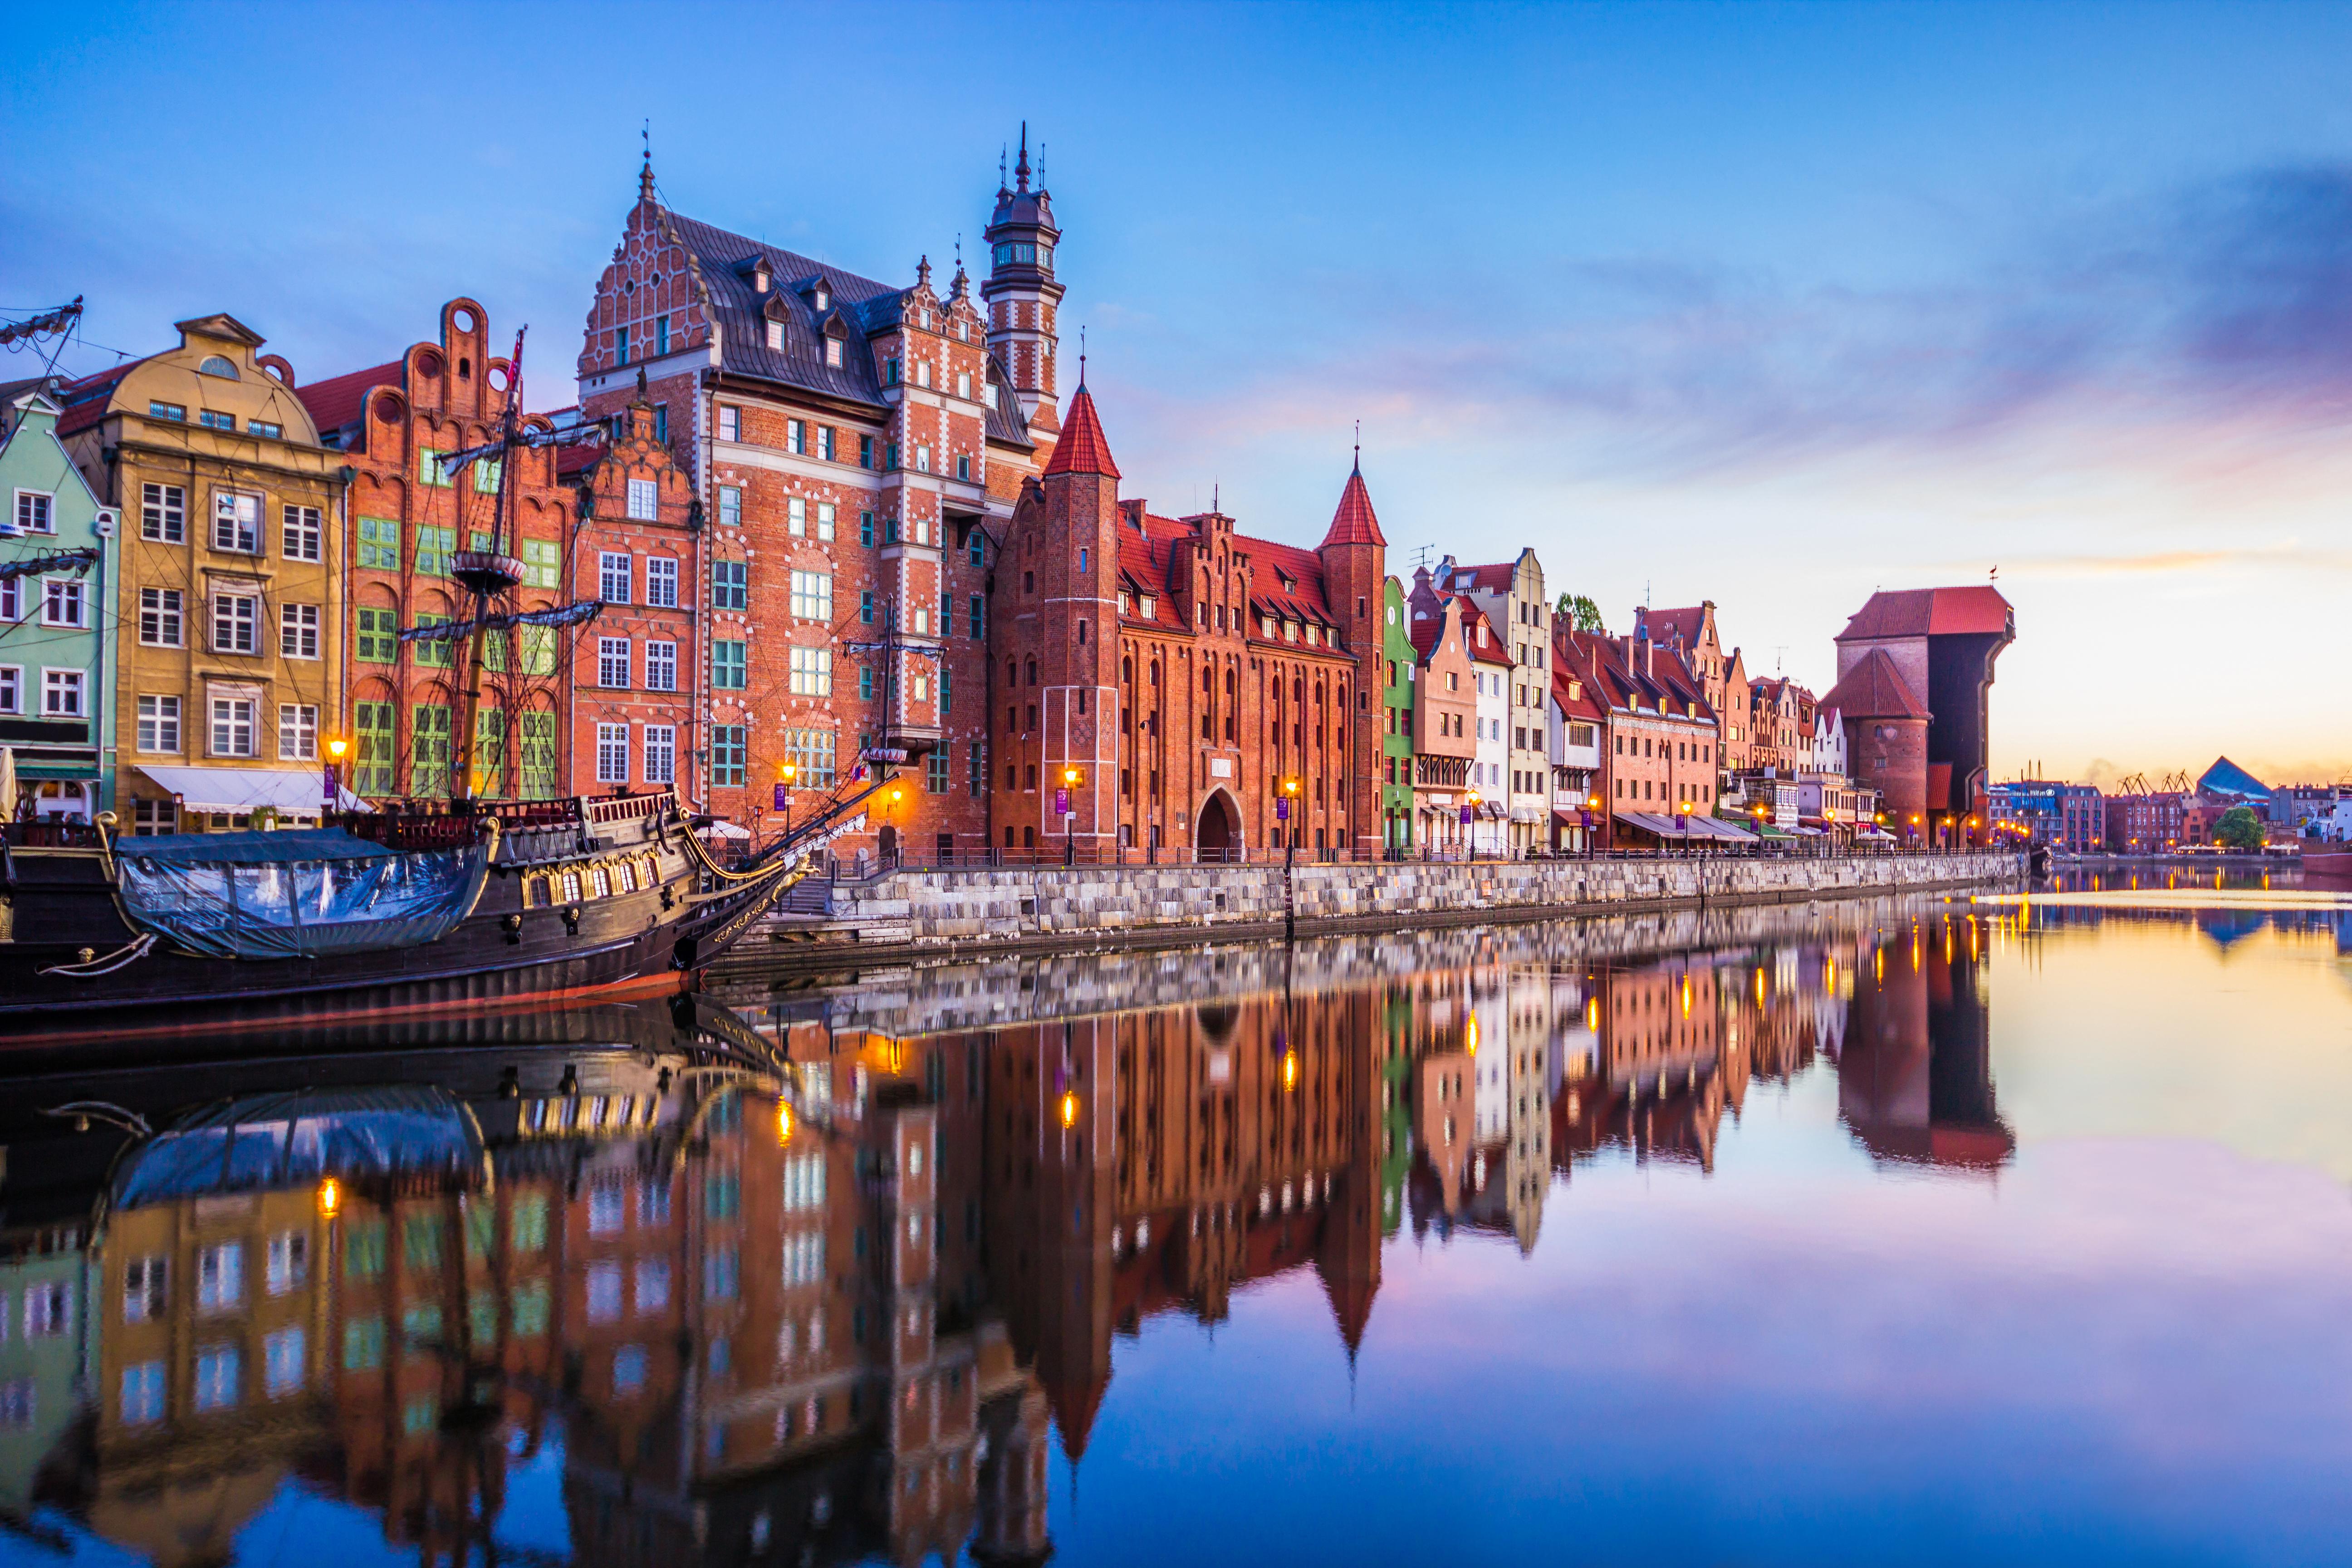 Гданьск, город в Польше, ВНЖ которой могут получить иностранцы